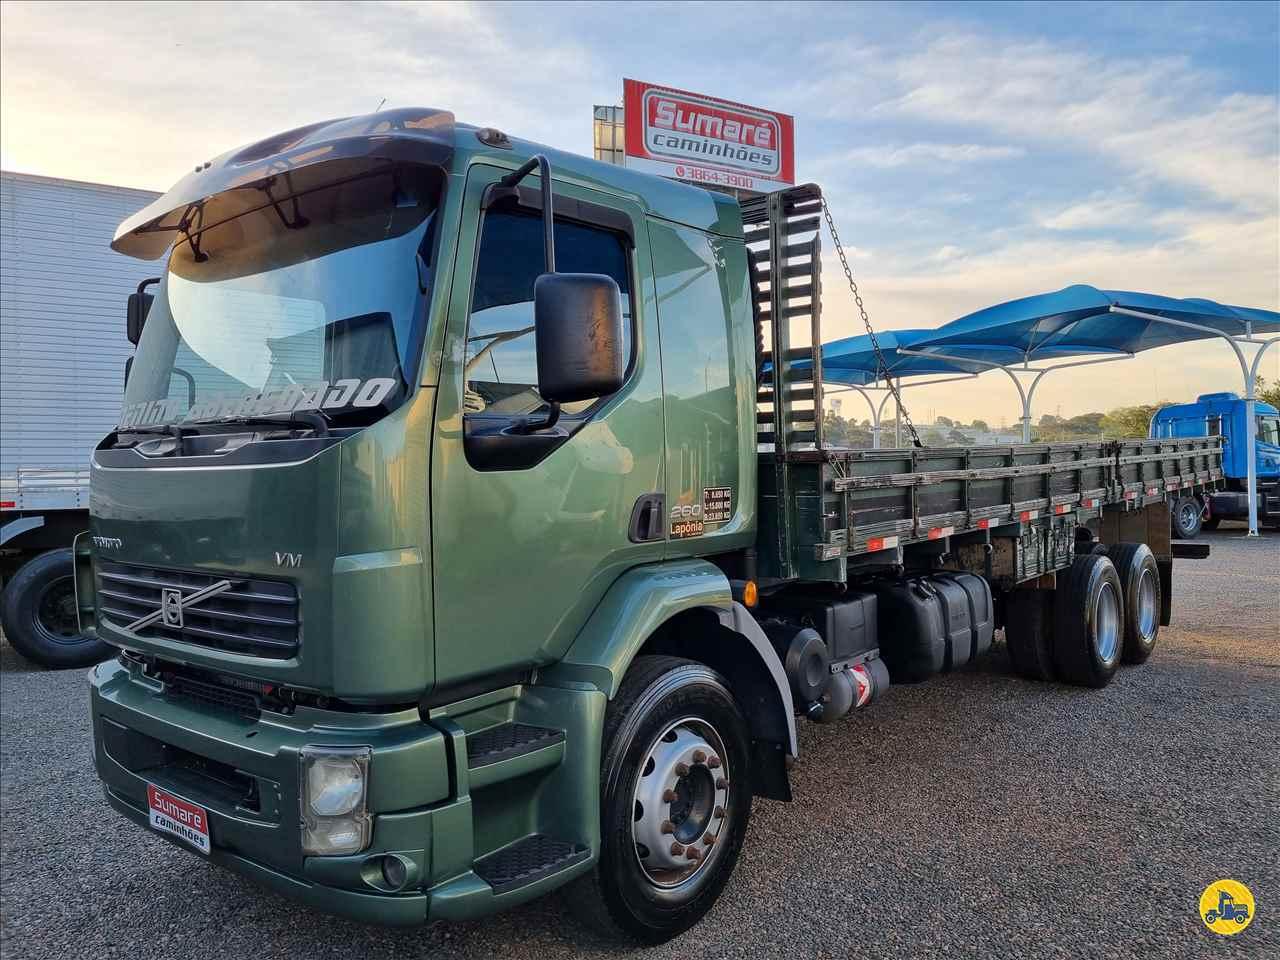 CAMINHAO VOLVO VOLVO VM 260 Carga Seca Truck 6x2 Sumaré Caminhões SUMARE SÃO PAULO SP